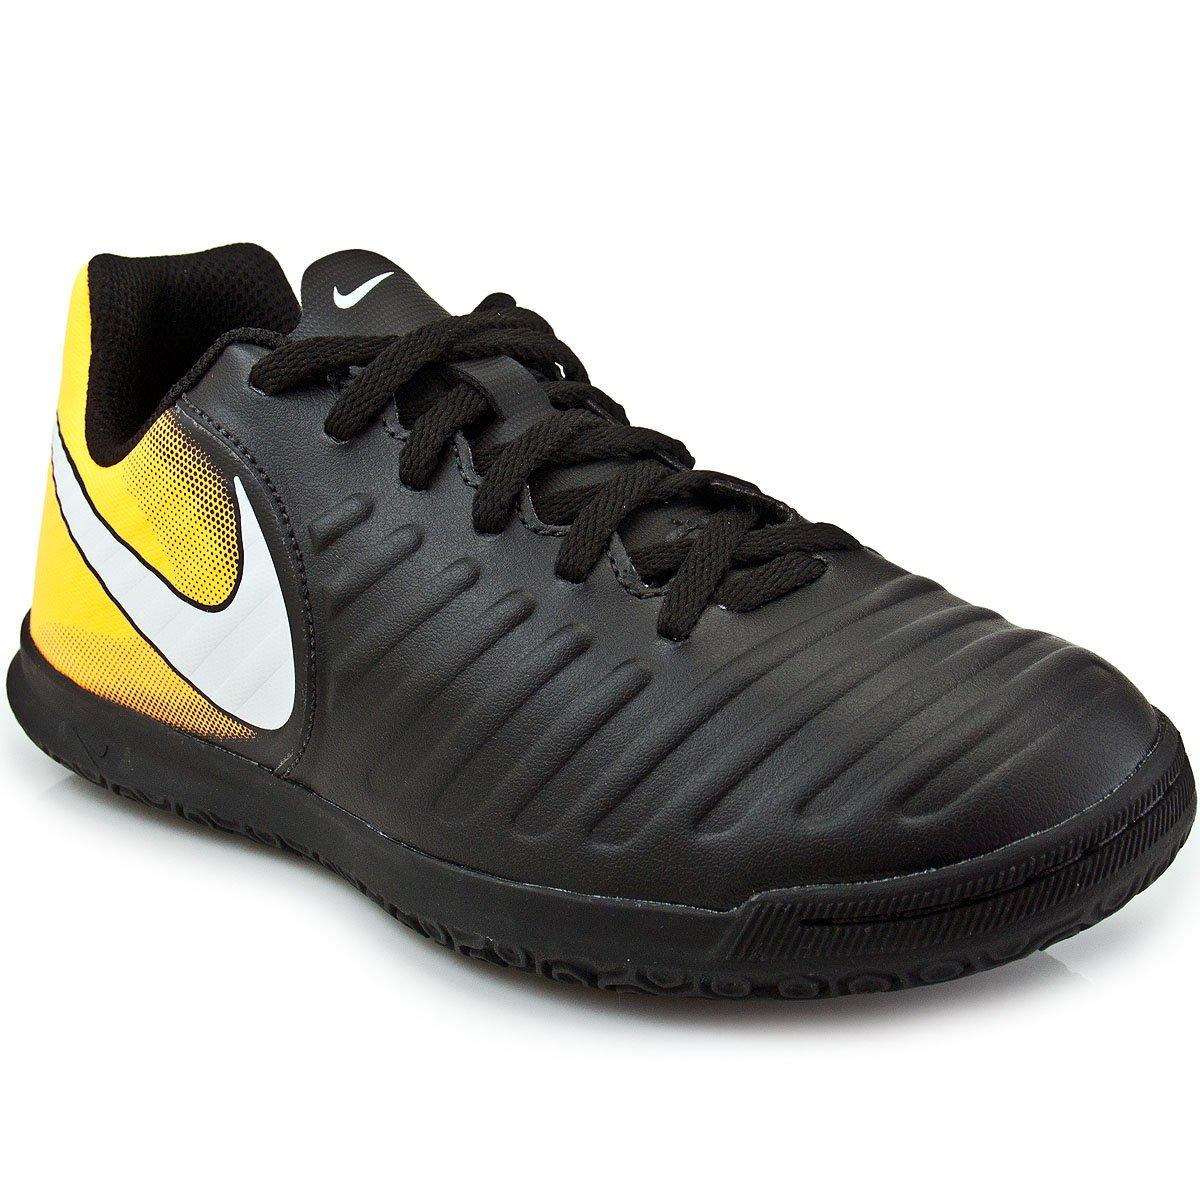 Chuteira Nike Tiempo Rio IV IC Jr  a60e7f24ace51